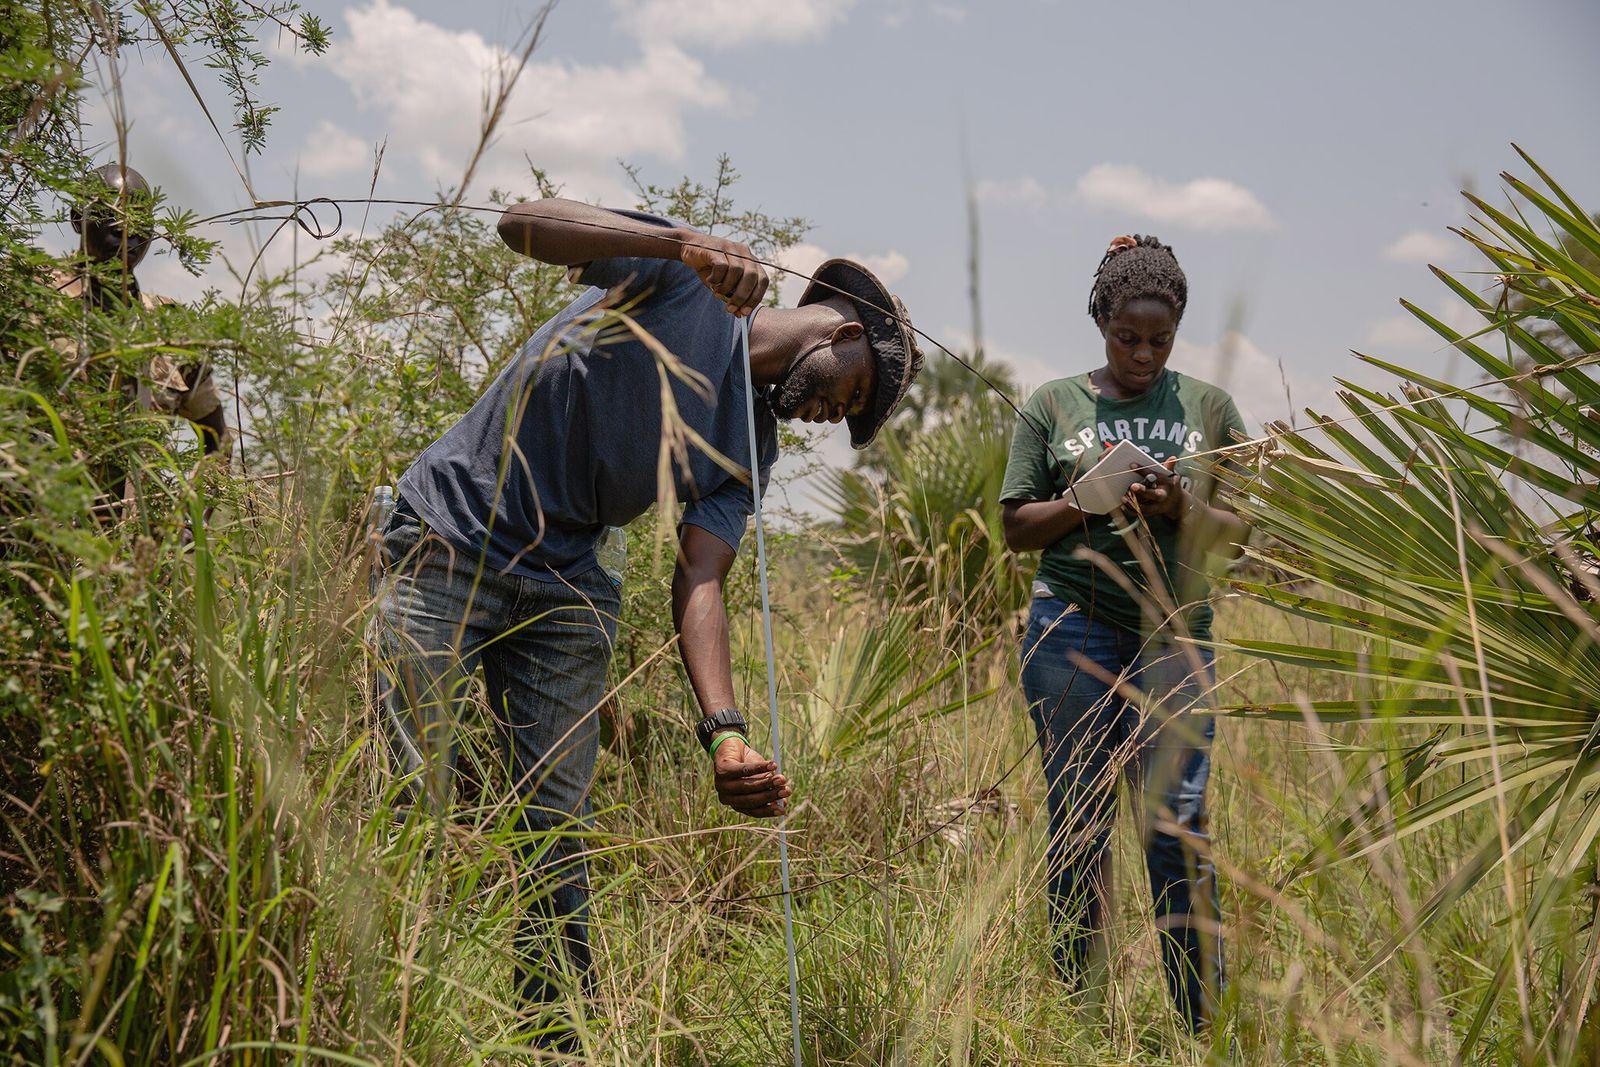 Luhonda Peter e Sophia Jingo, que trabalham na iniciativa Snares to Wares, medem o diâmetro de ...